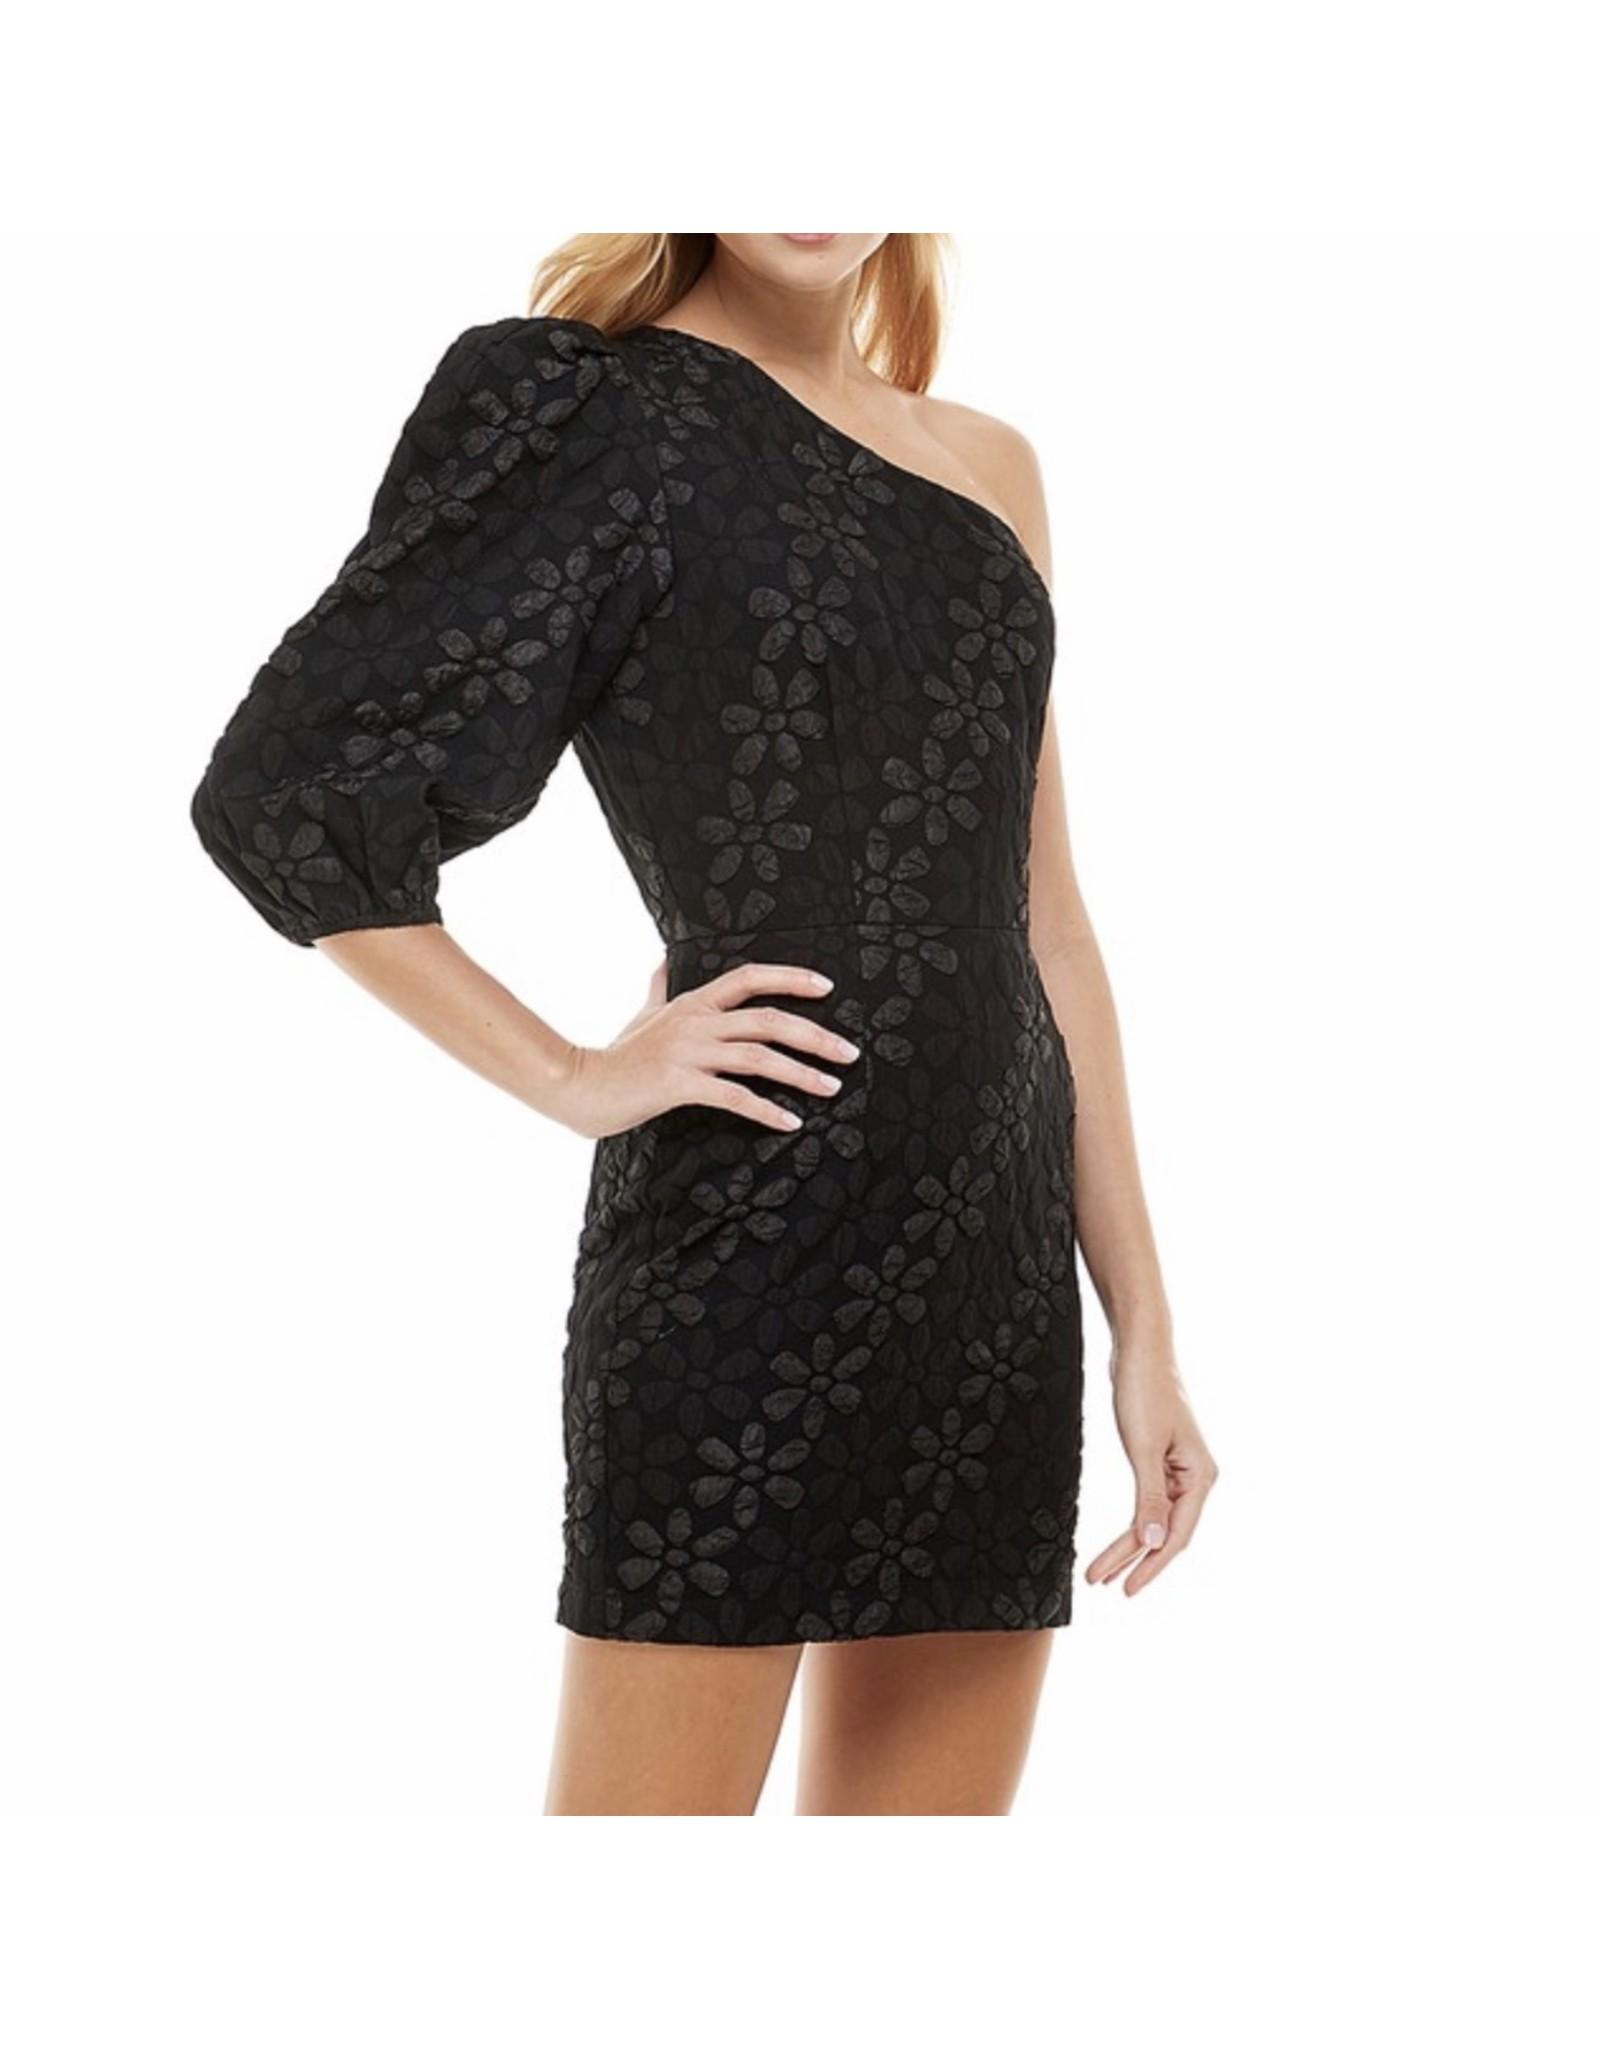 Floral Embossed One Shoulder Dress - Black